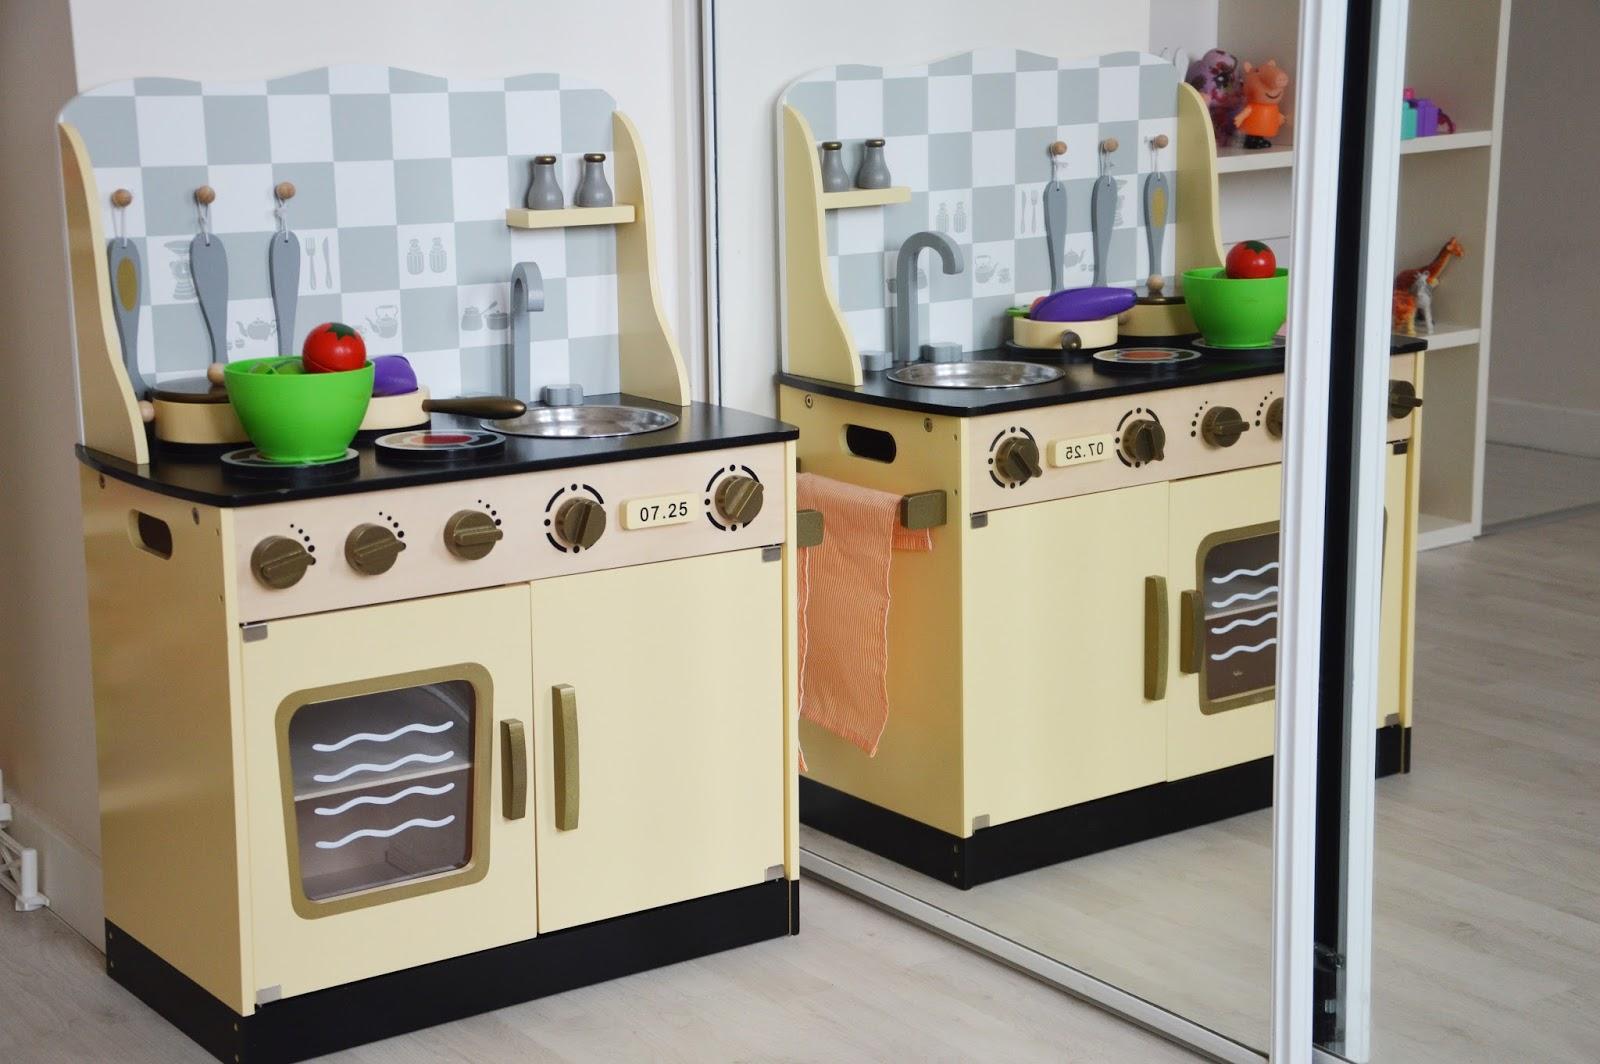 MamaLoliPoli  Drewniana kuchenka dla dziecka Czy warto kupić? -> Drewniana Kuchnia Dla Dzieci Jak Zrobic